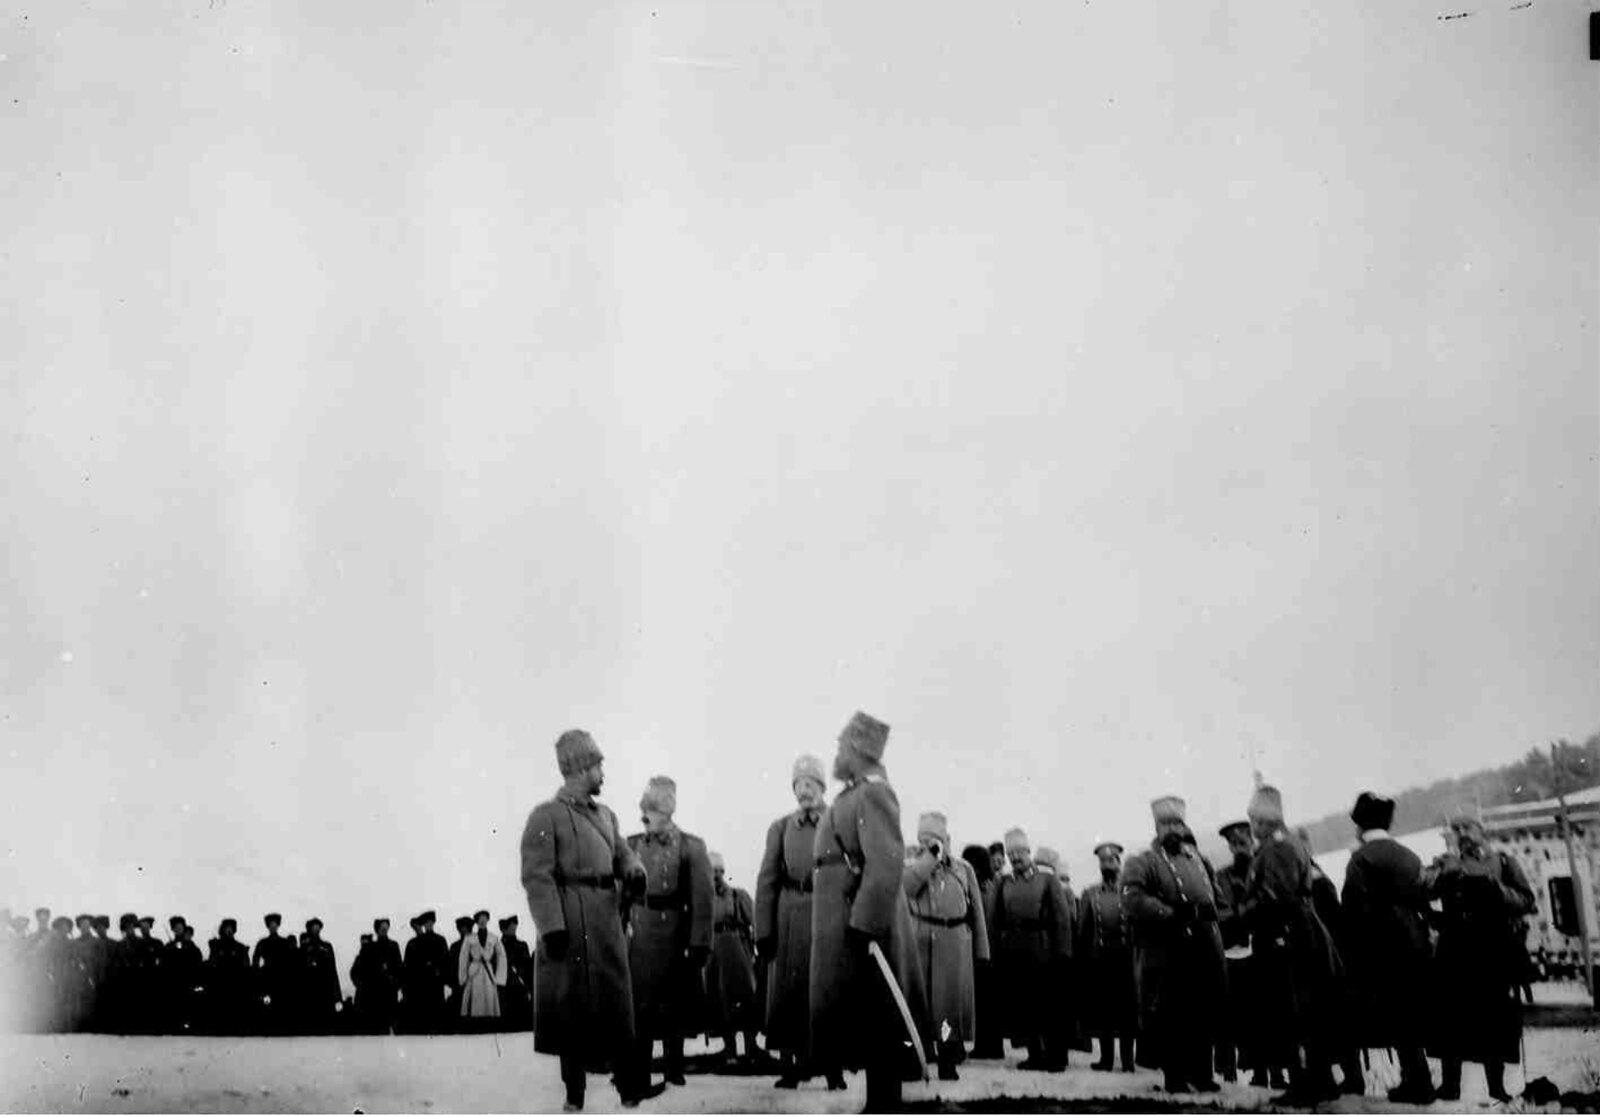 06. 1914. Николай II и командование Кавказского фронта в Сарыкамыше после взятия его русскими войсками